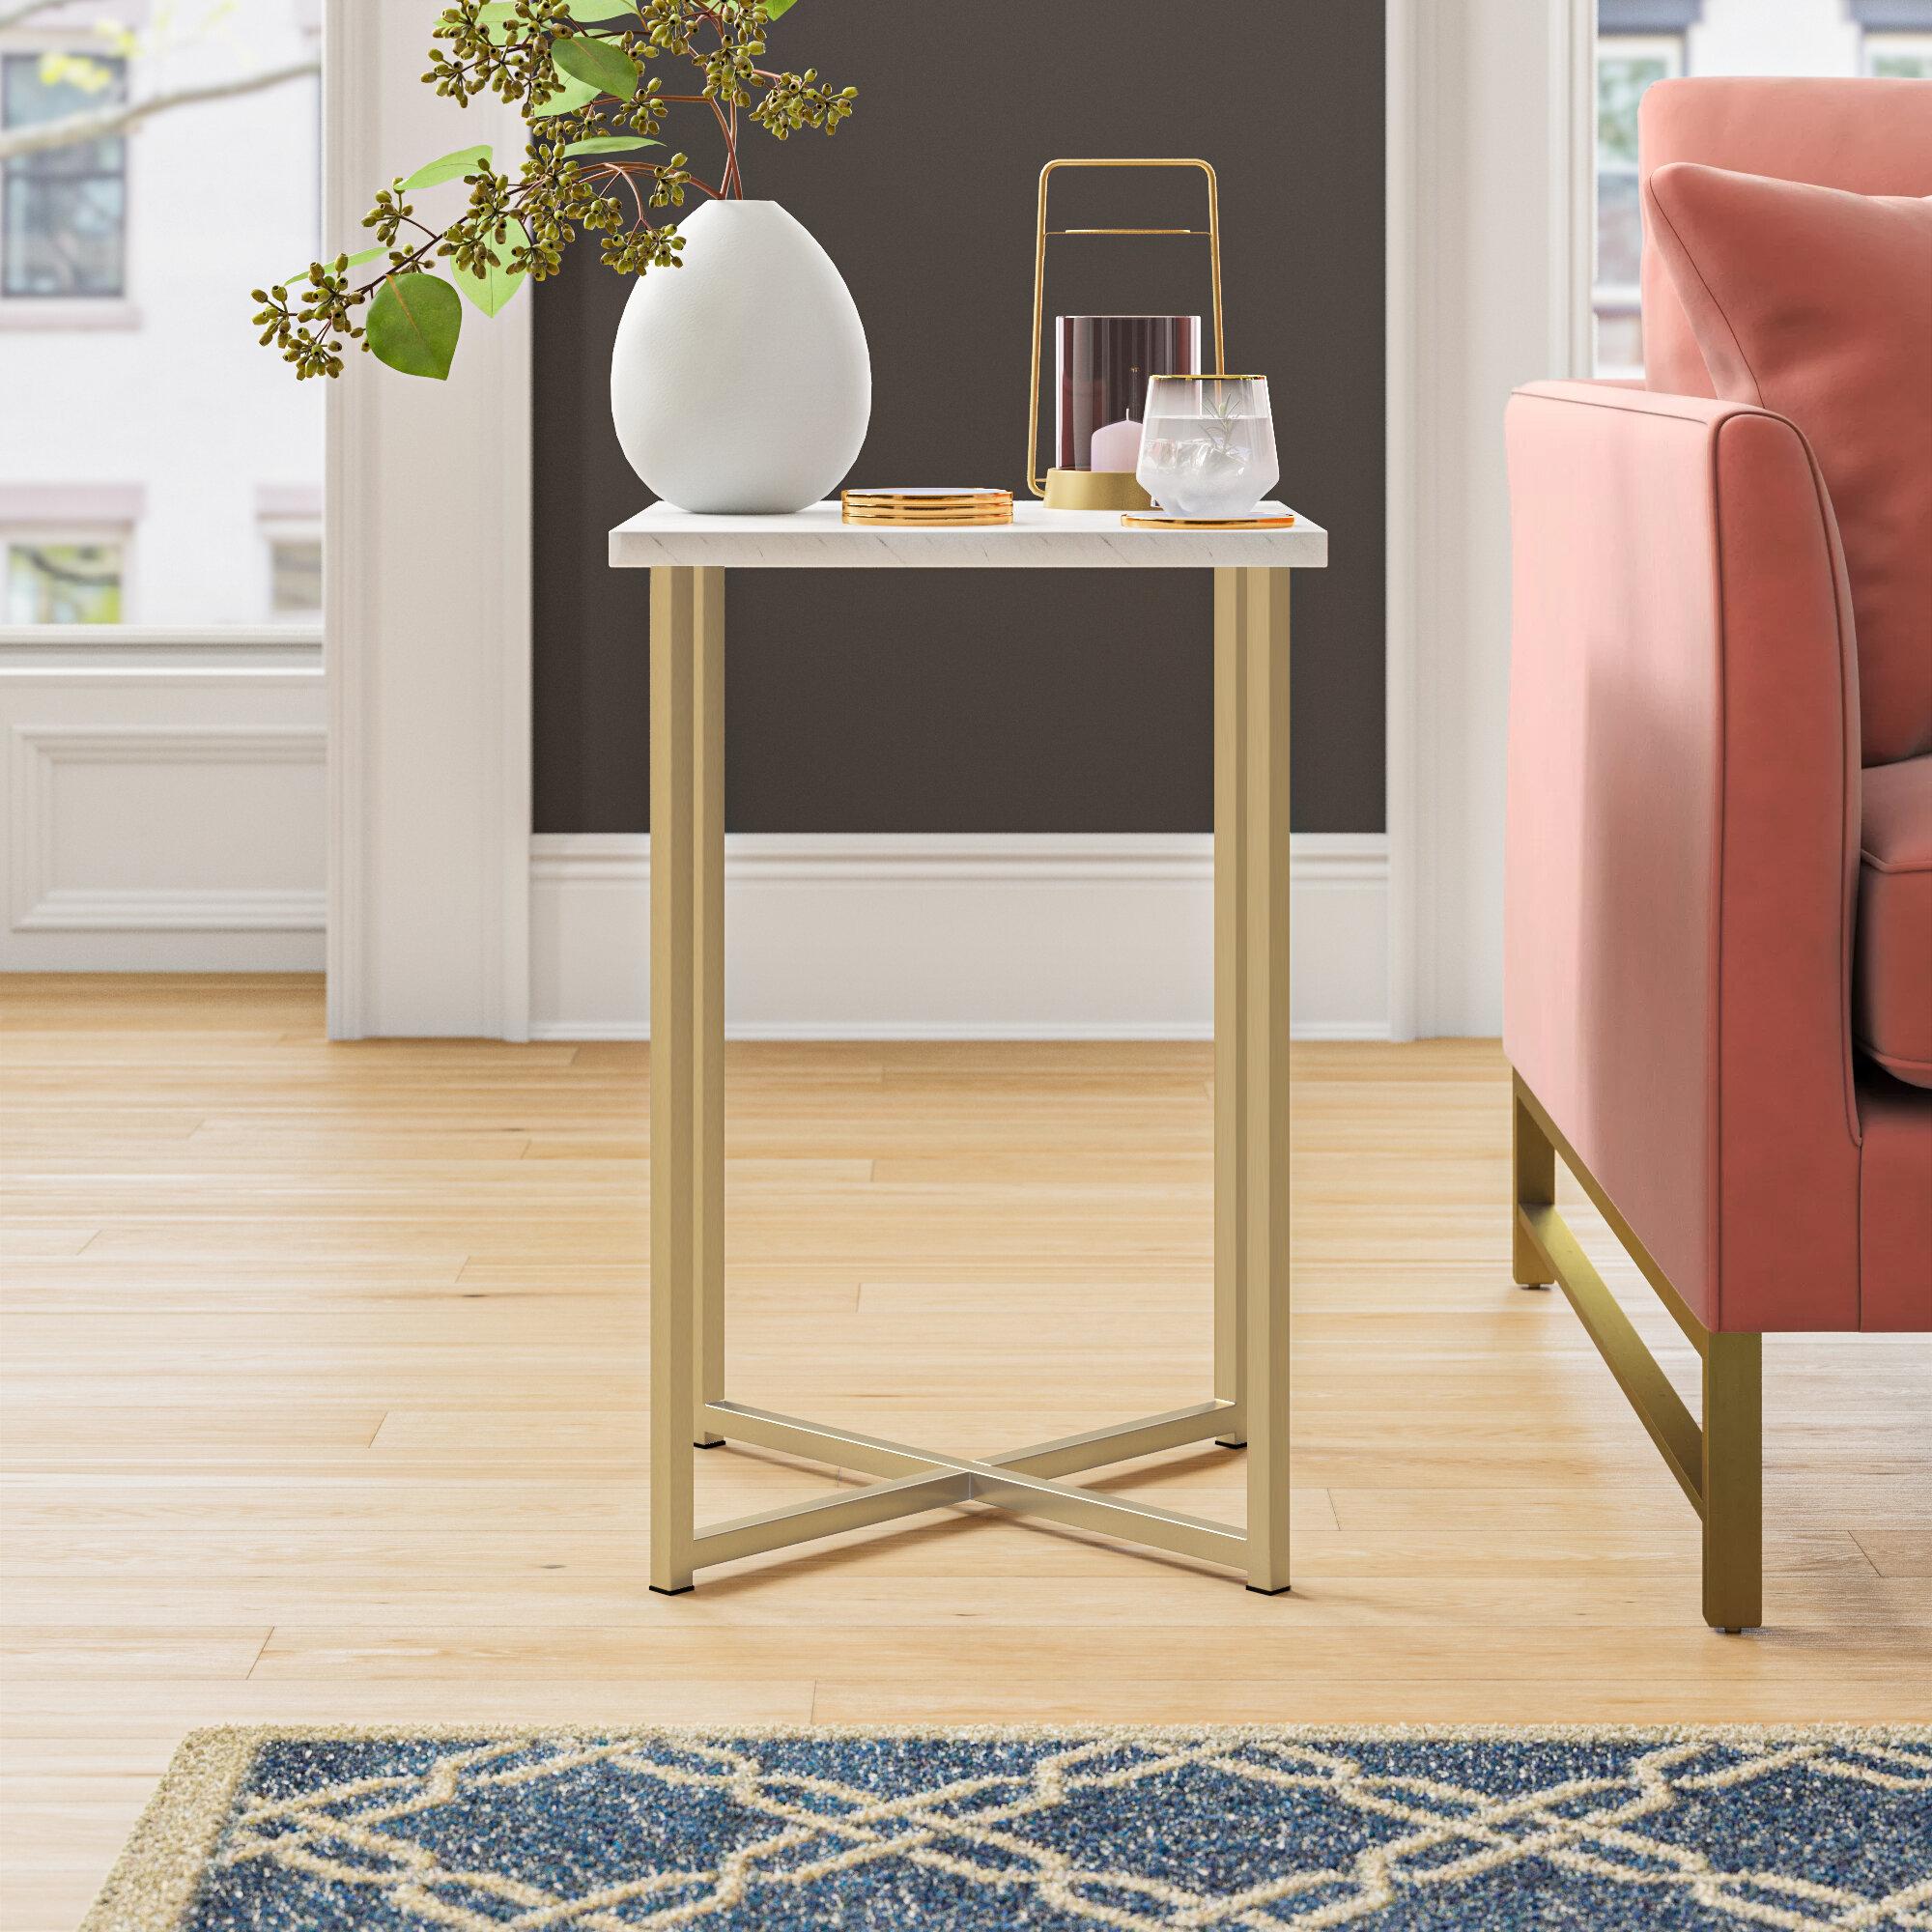 - Foundstone Dominique Cross Legs End Table & Reviews Wayfair